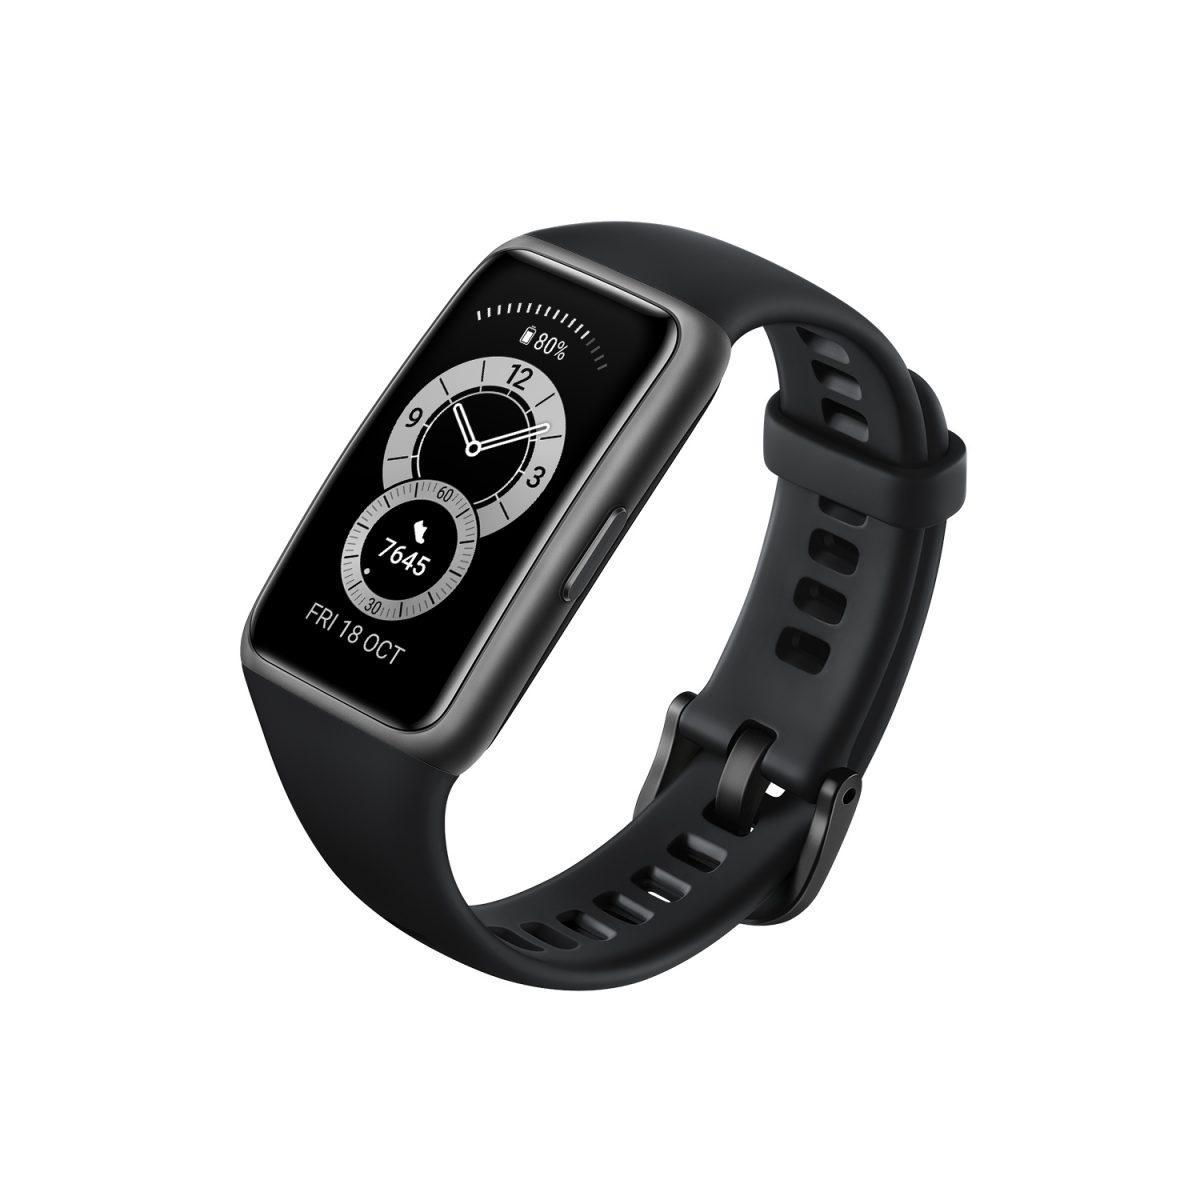 Новый безрамочный фитнес-браслет Huawei Band 6 привезли в Россию